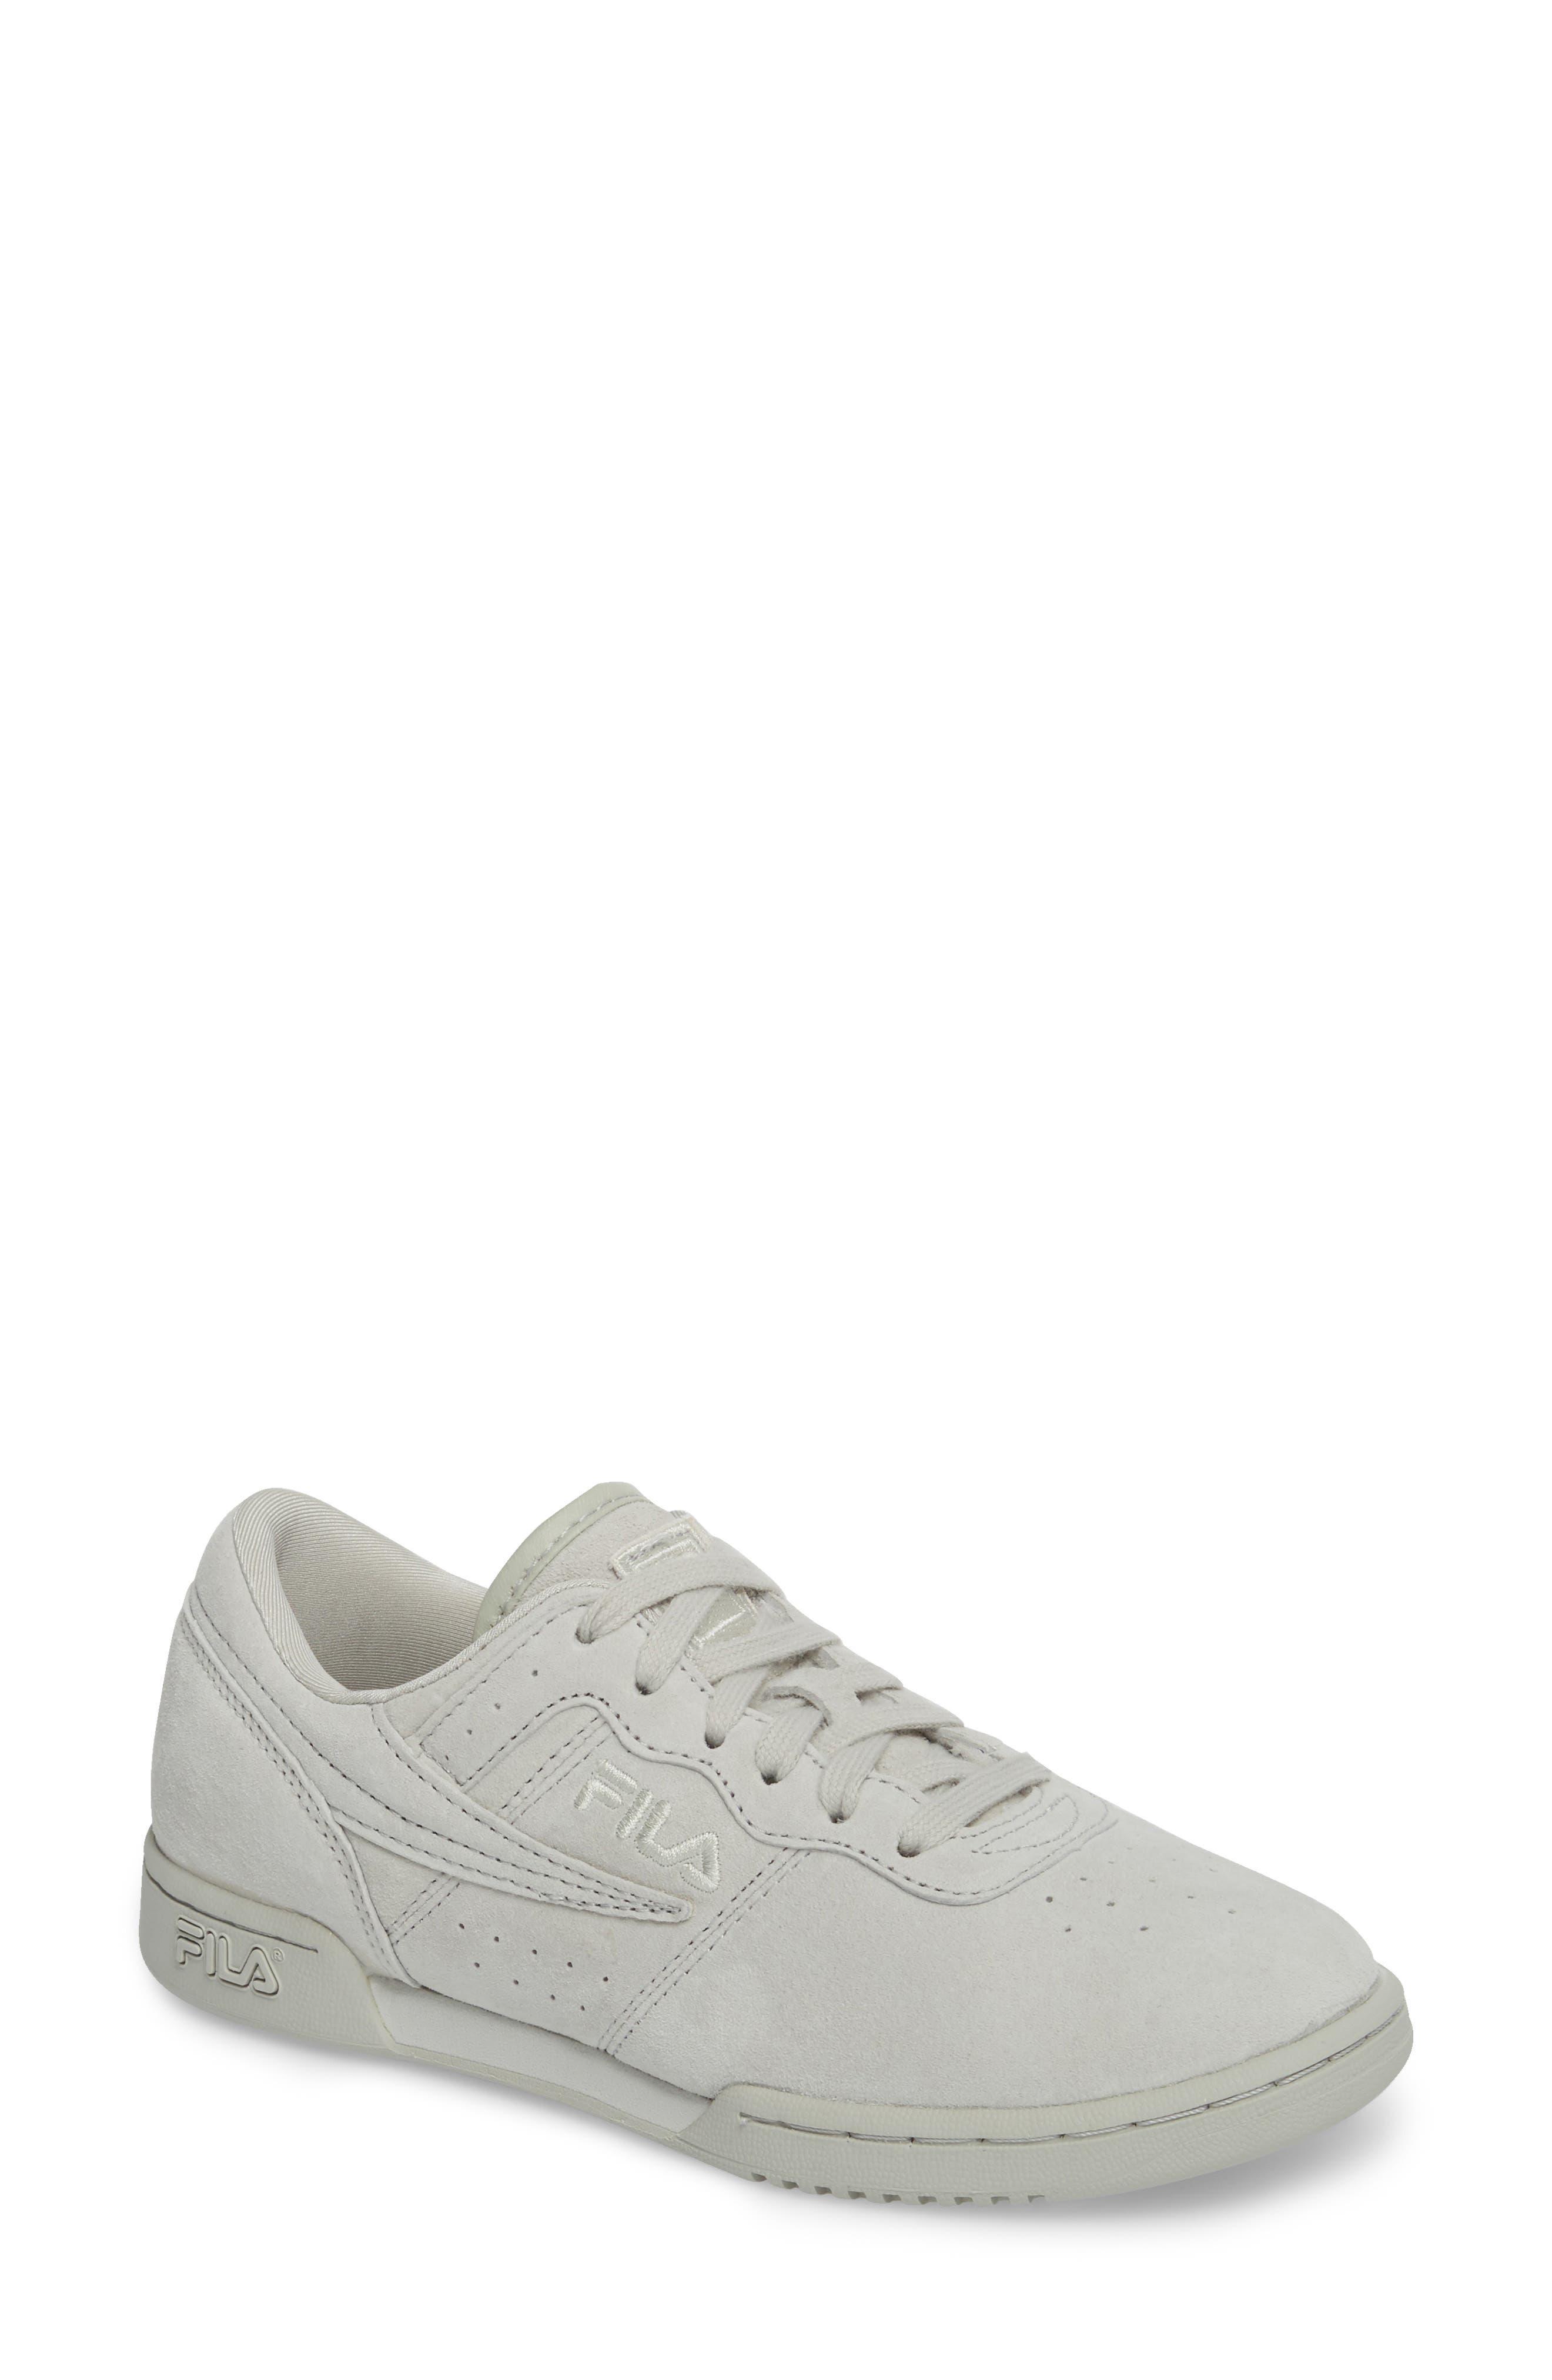 Original Fitness Premium Sneaker,                             Main thumbnail 1, color,                             050